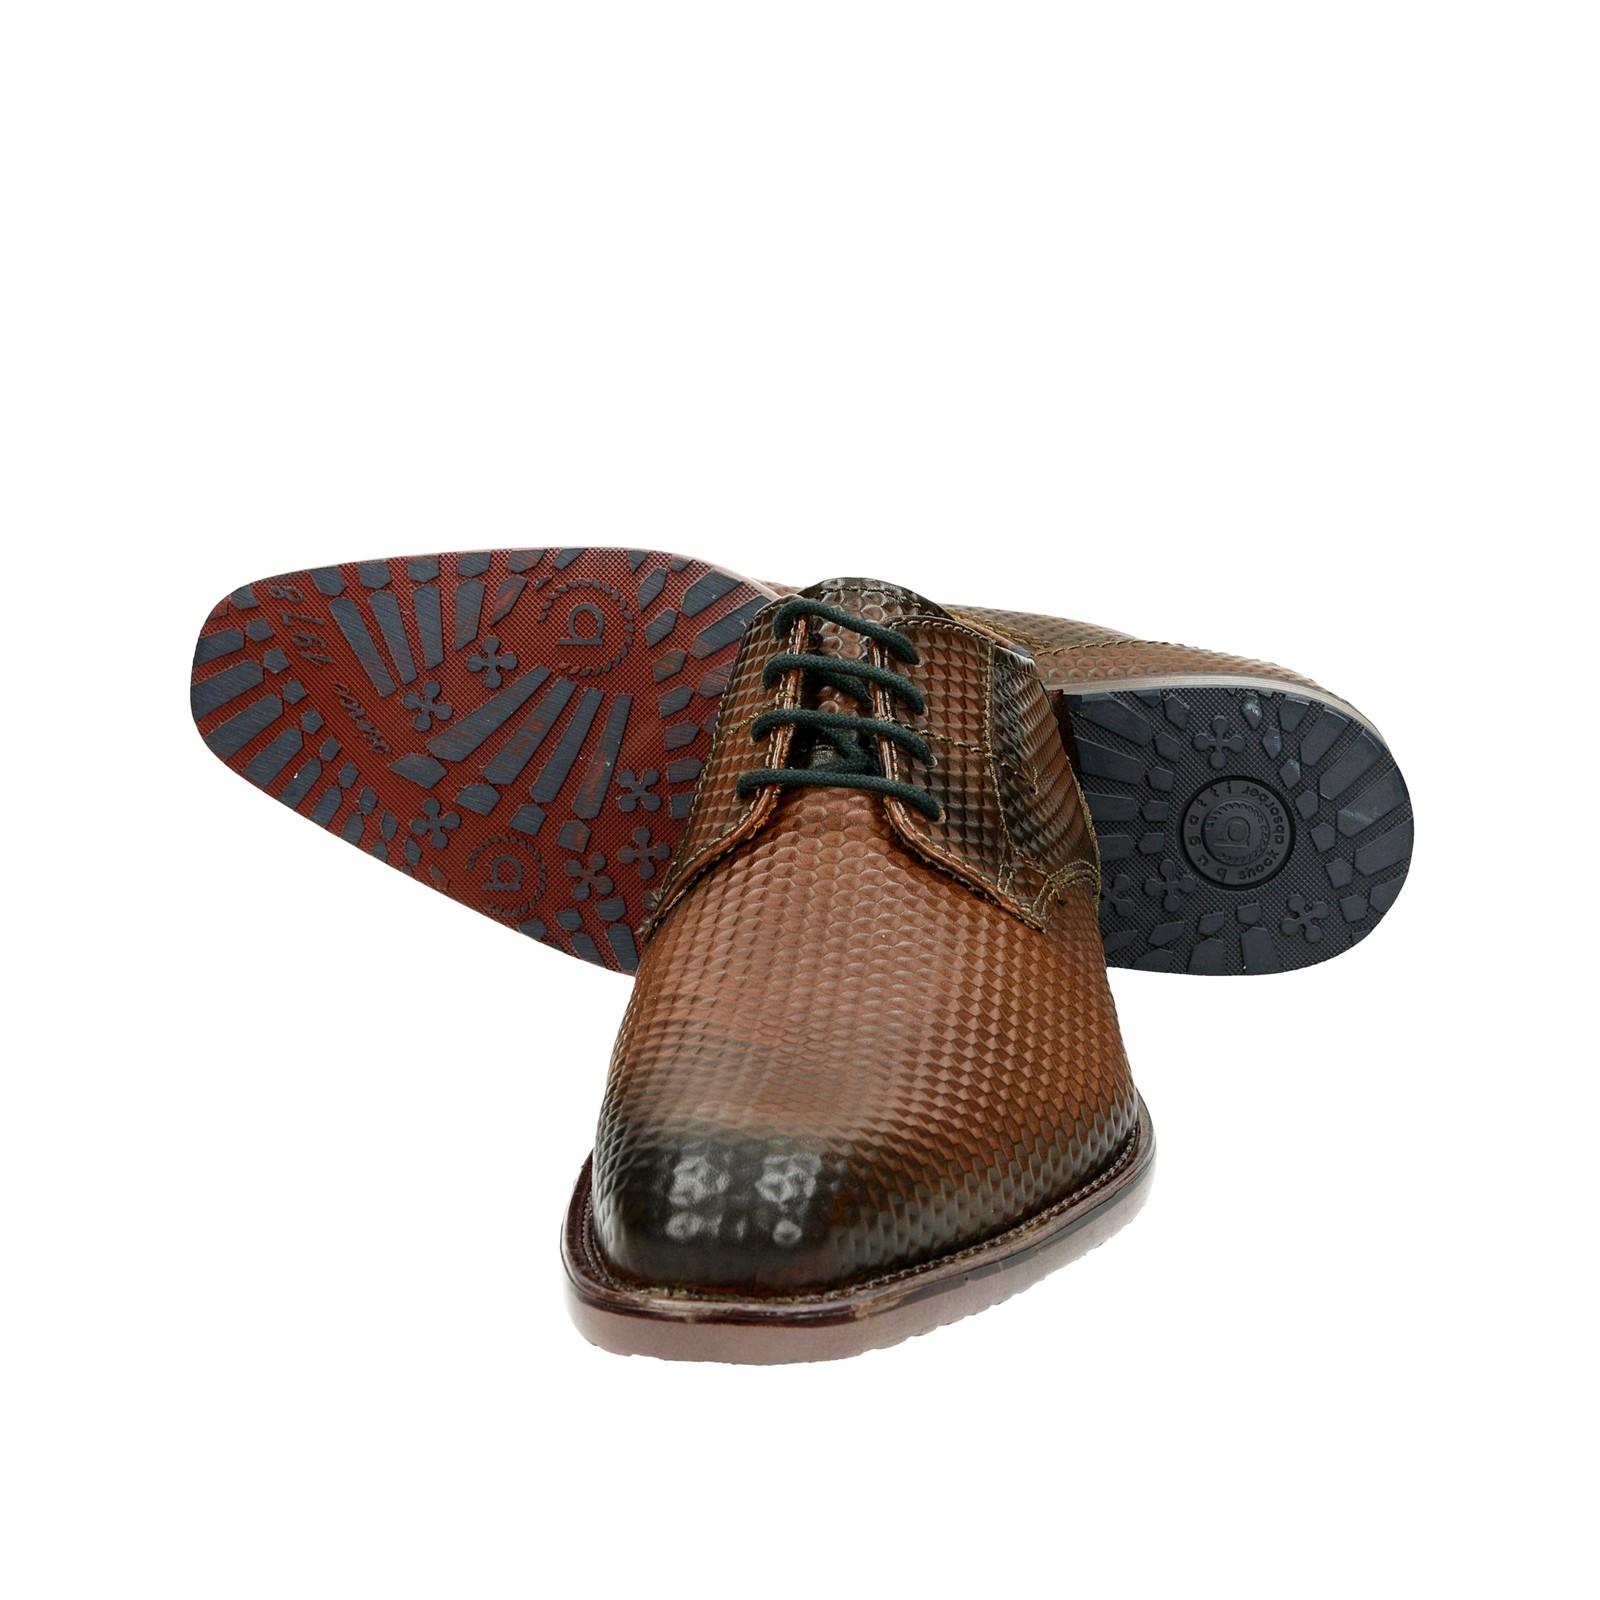 aaedc5a63279 ... Bugatti pánske spoločenské kožené topánky - hnedé ...